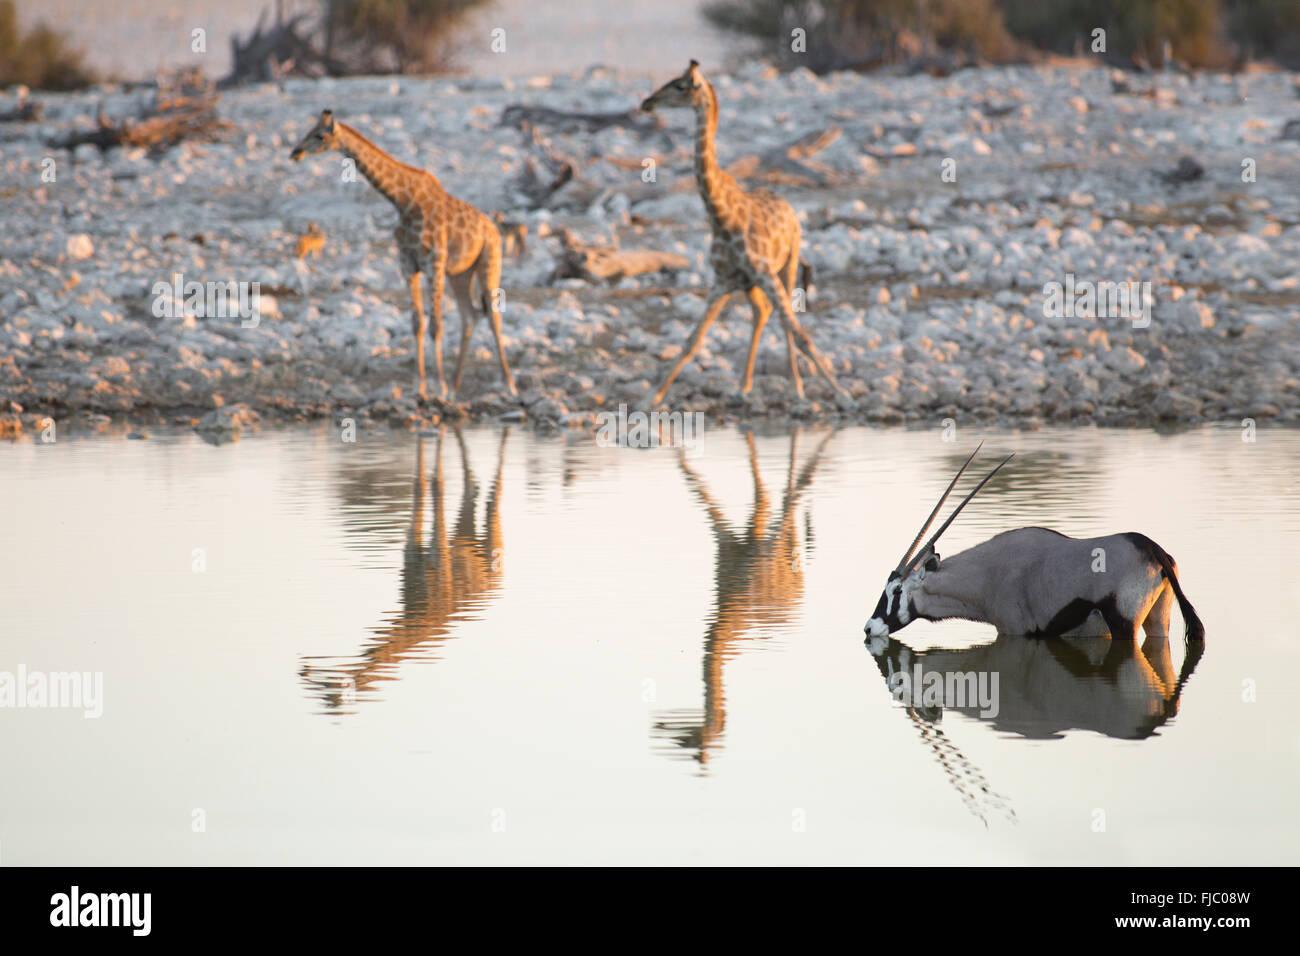 Jirafa y Oryx en un abrevadero Imagen De Stock